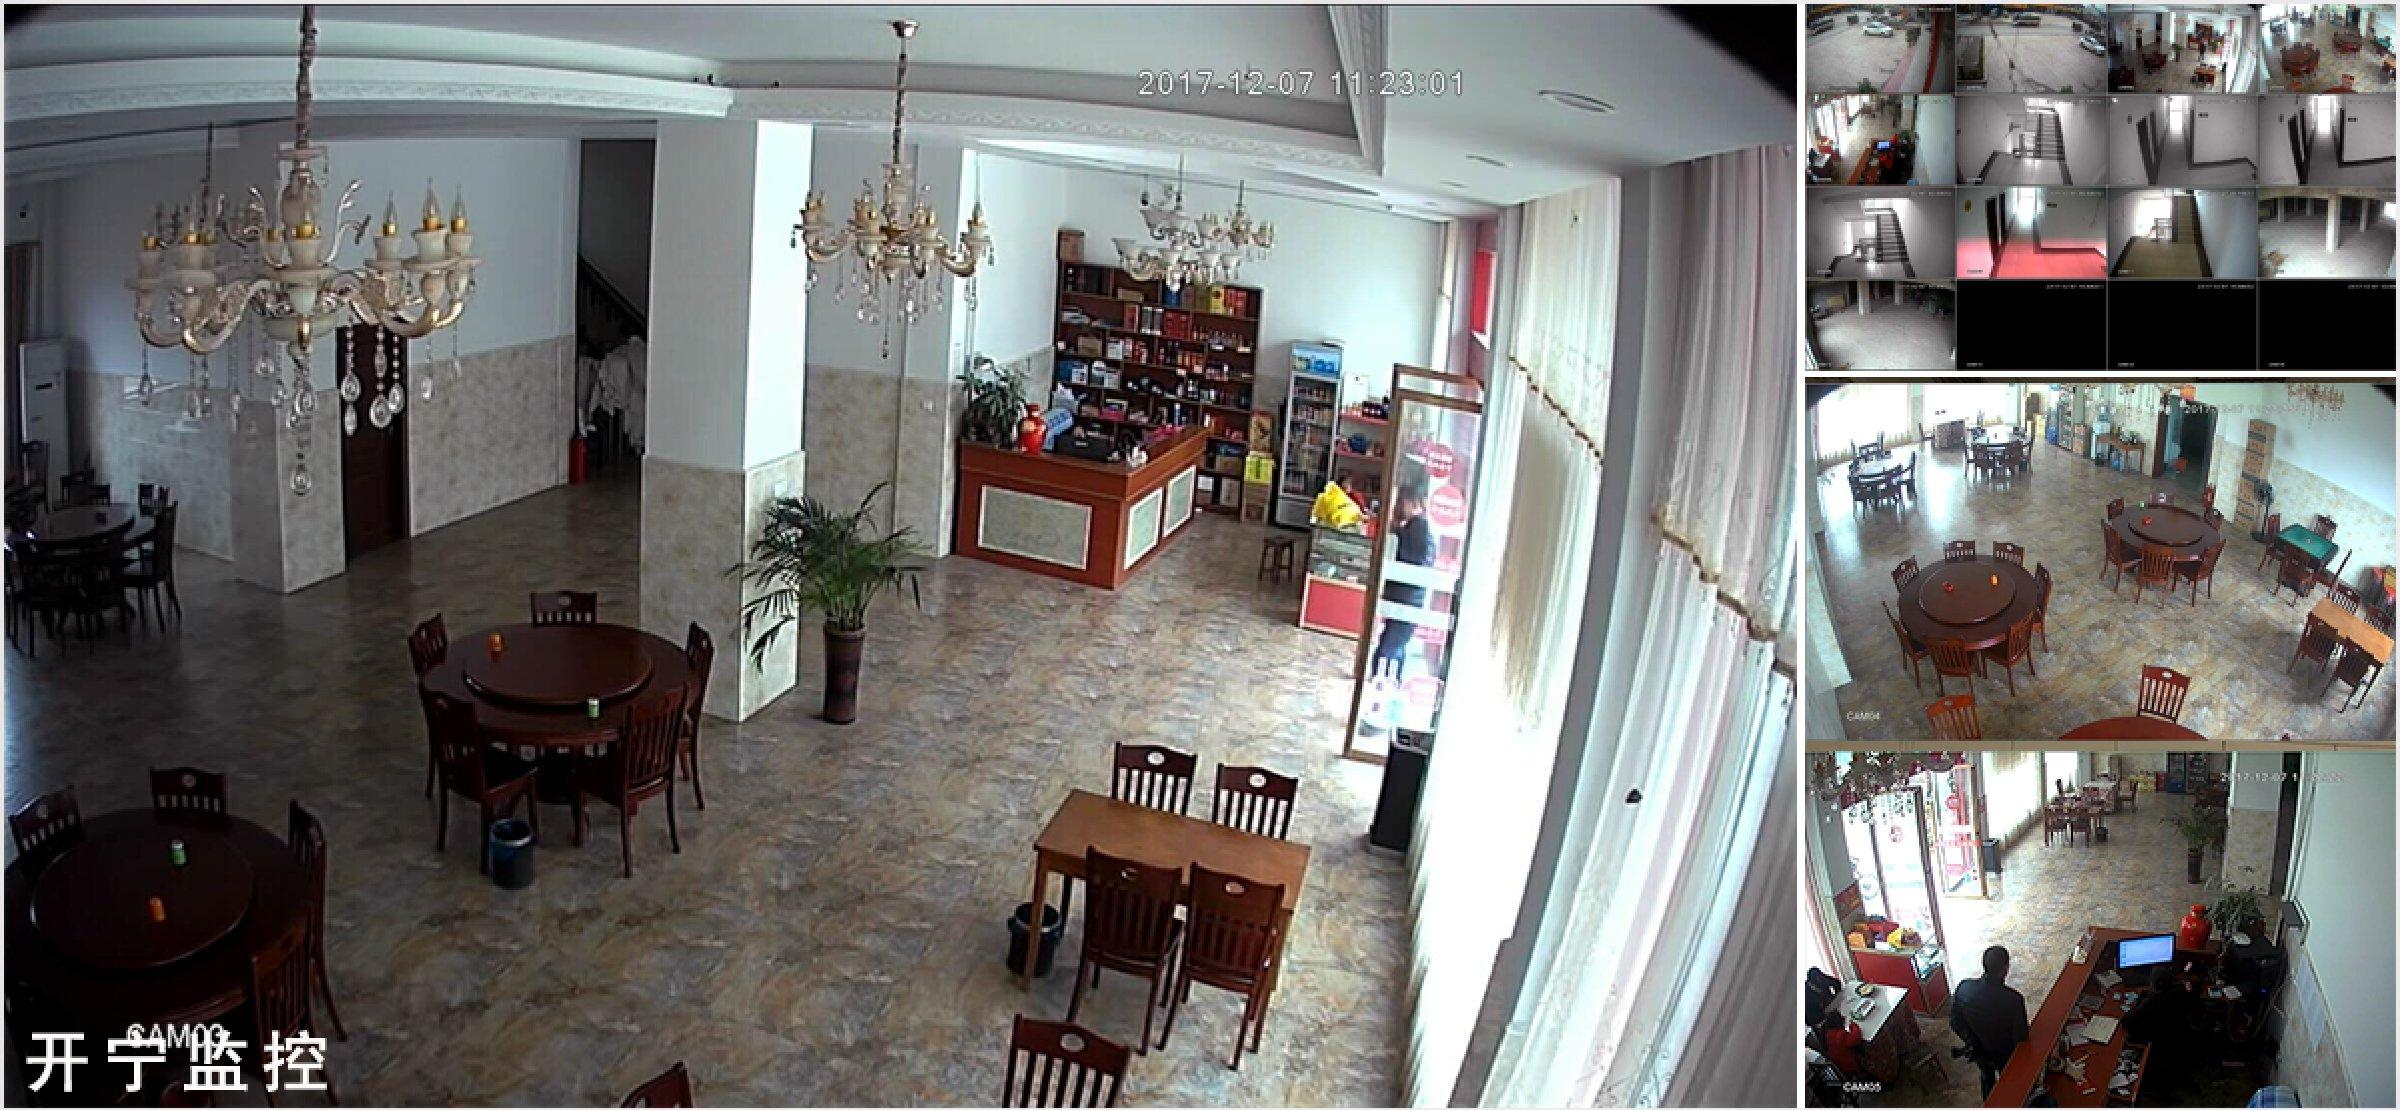 乐虎国际官方网_lehu66.vip乐虎国际酒店宾馆lehu66.vip乐虎国际案例